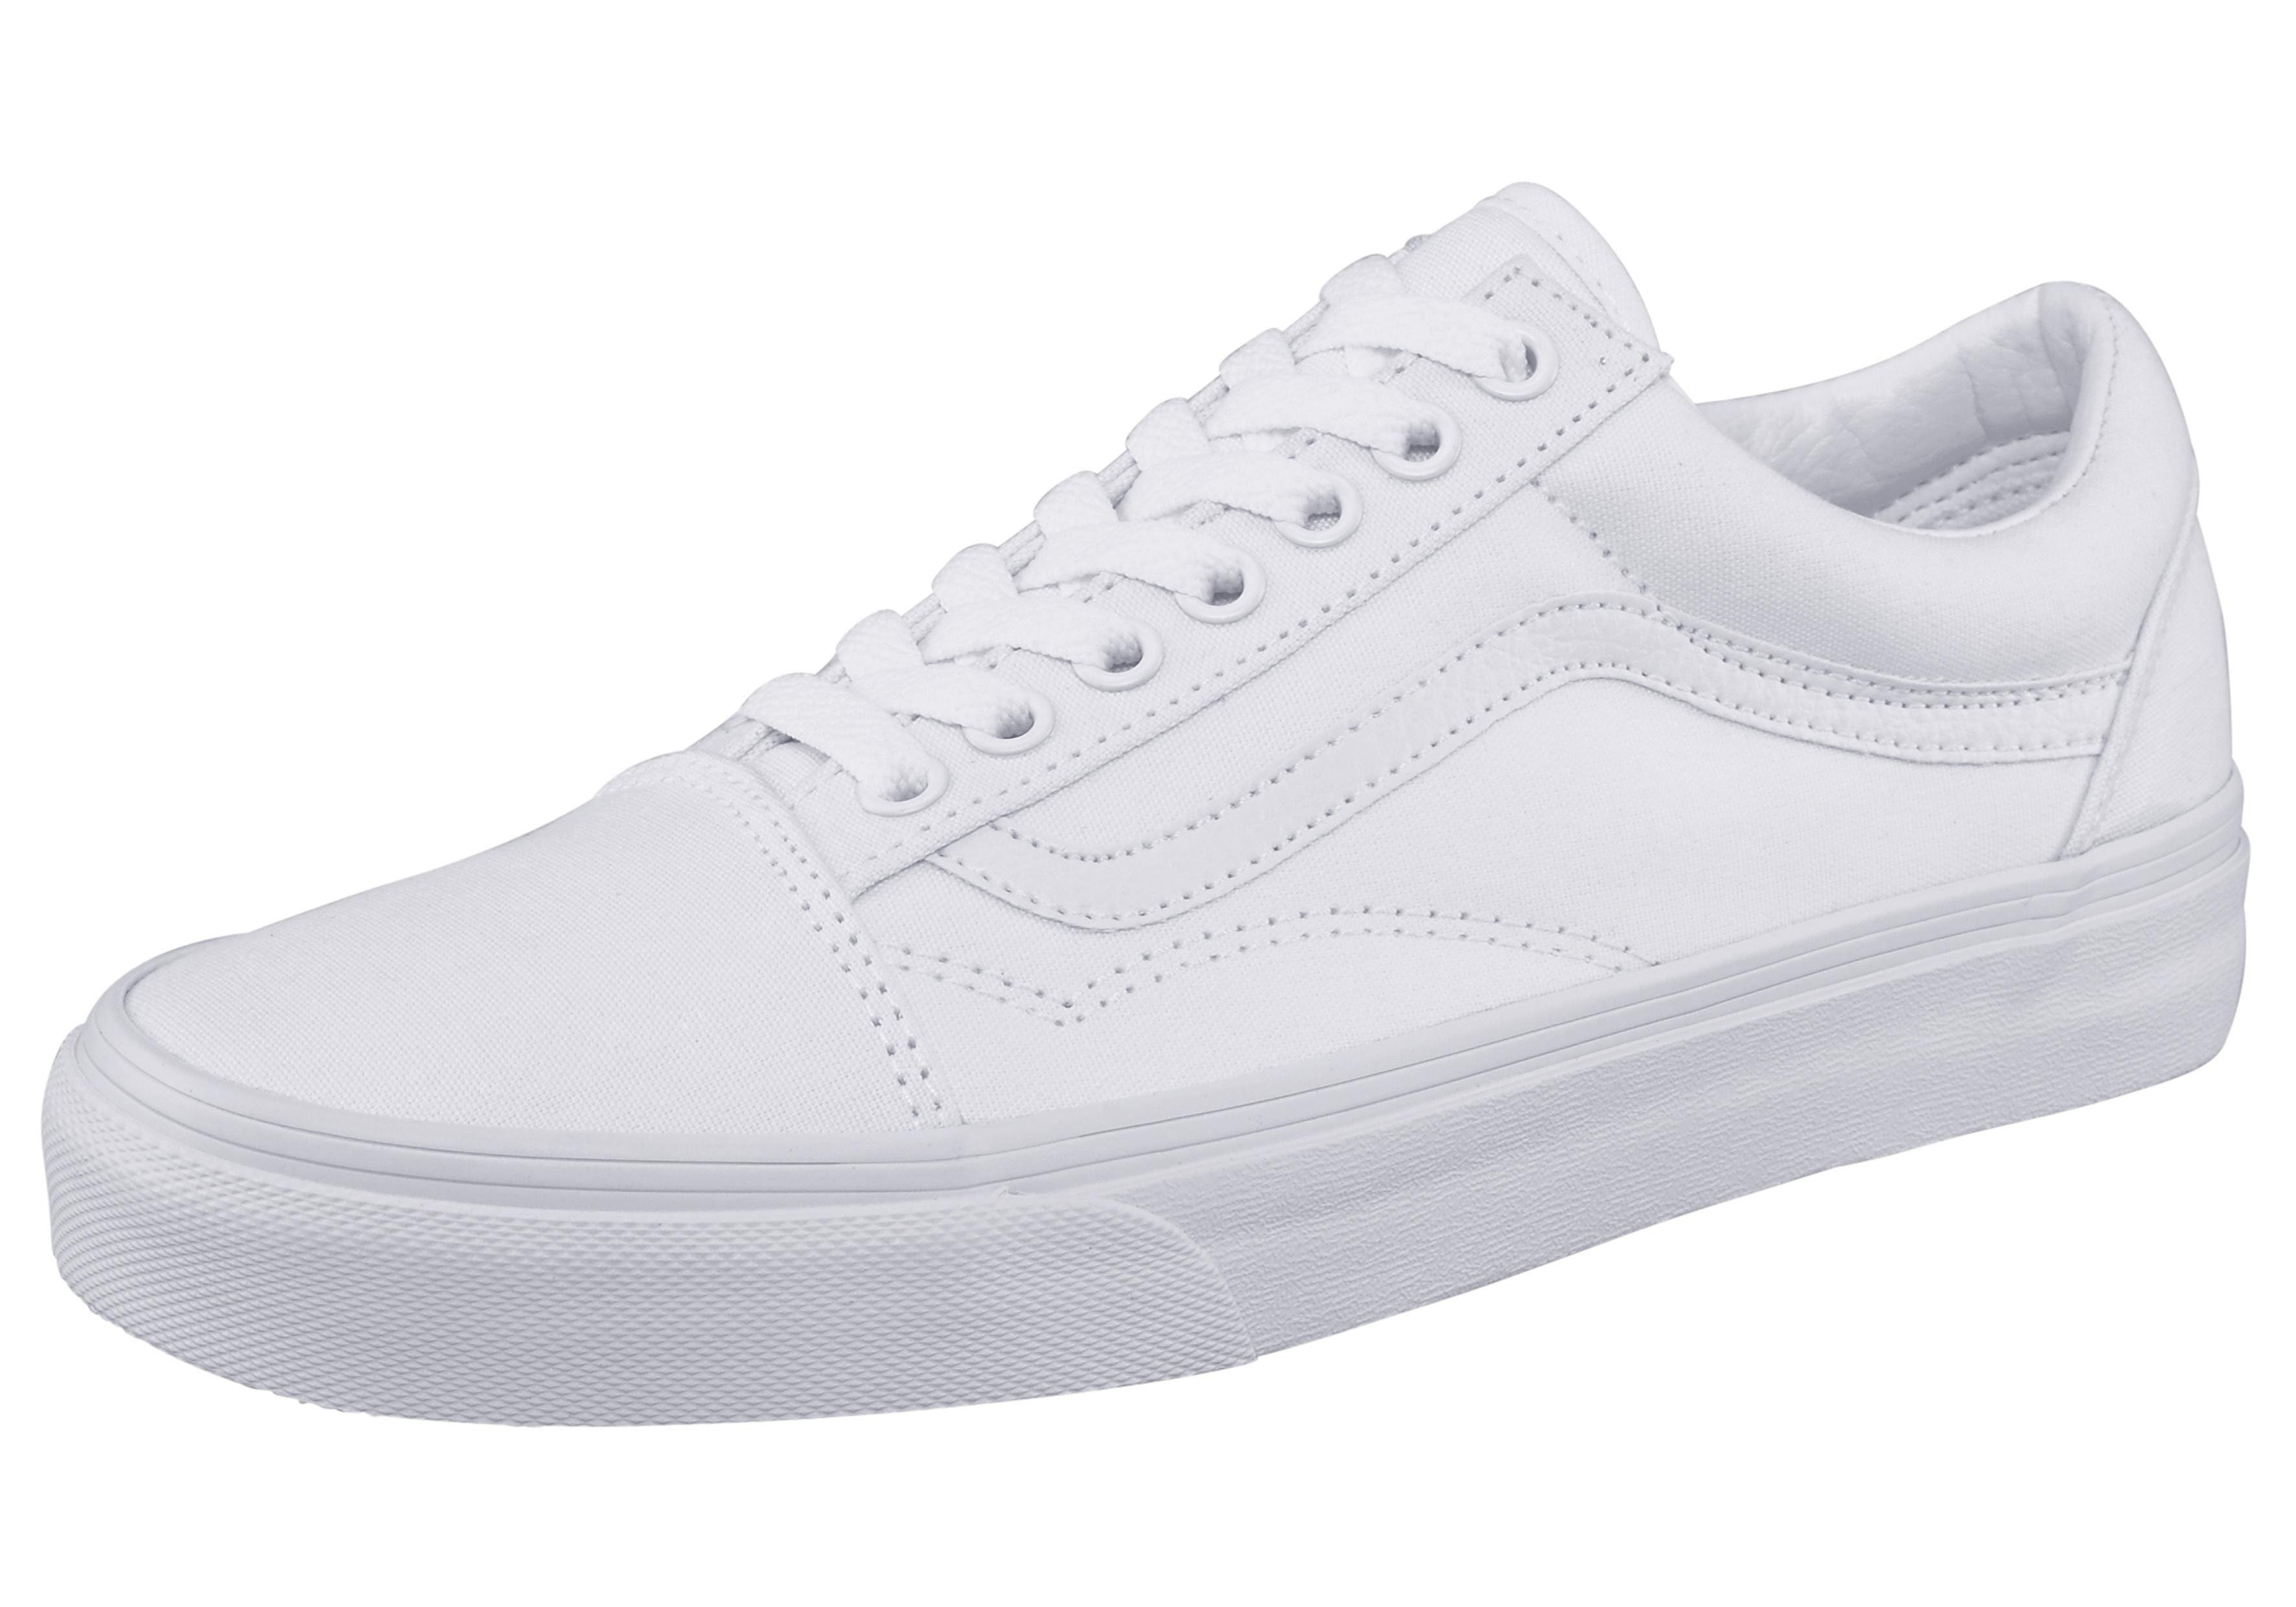 Vans Old Skool Zip Sneaker mint weiß : Sportbekleidung